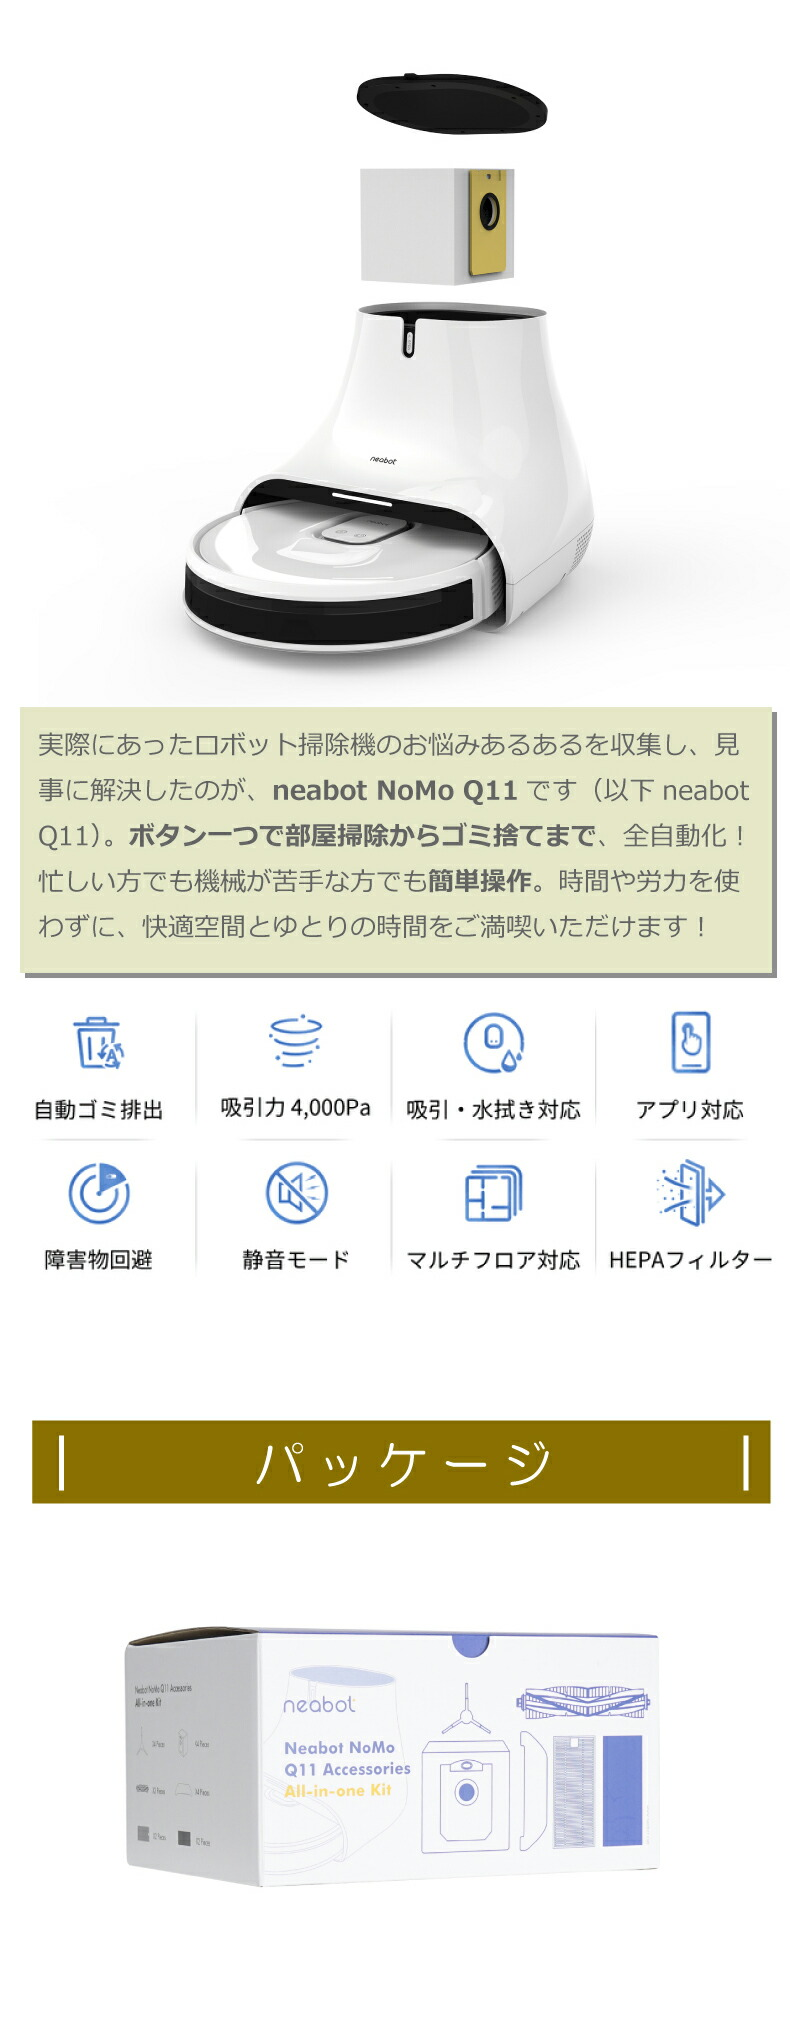 話題の全自動お掃除ロボットNeabot Q11付属品オールインワンセット